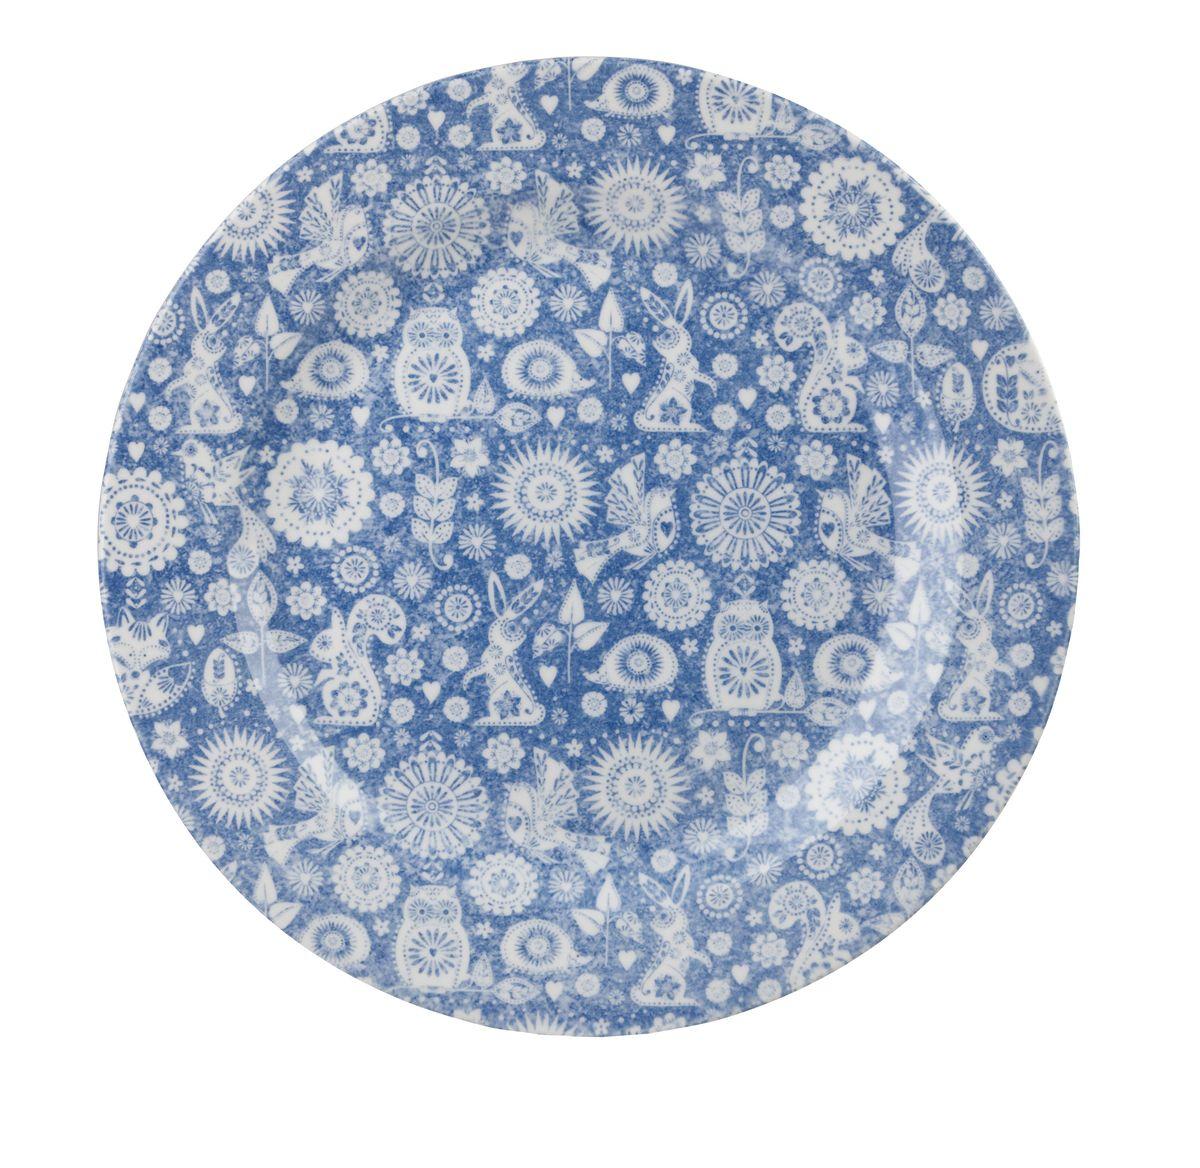 Тарелка обеденная Churchill, диаметр 26 см. PENZ00201FS-91909Обеденная тарелка Churchill изготовлена из высококачественного фаянса. Изделие оформлено красивым рисунком. Оно прекрасно впишется в интерьер вашей кухни и станет достойным дополнением к кухонному инвентарю. Тарелка Churchill подчеркнет прекрасный вкус хозяйки и станет отличным подарком. Можно мыть в посудомоечной машине и использовать в микроволновой печи.Диаметр тарелки (по верхнему краю): 26 см.